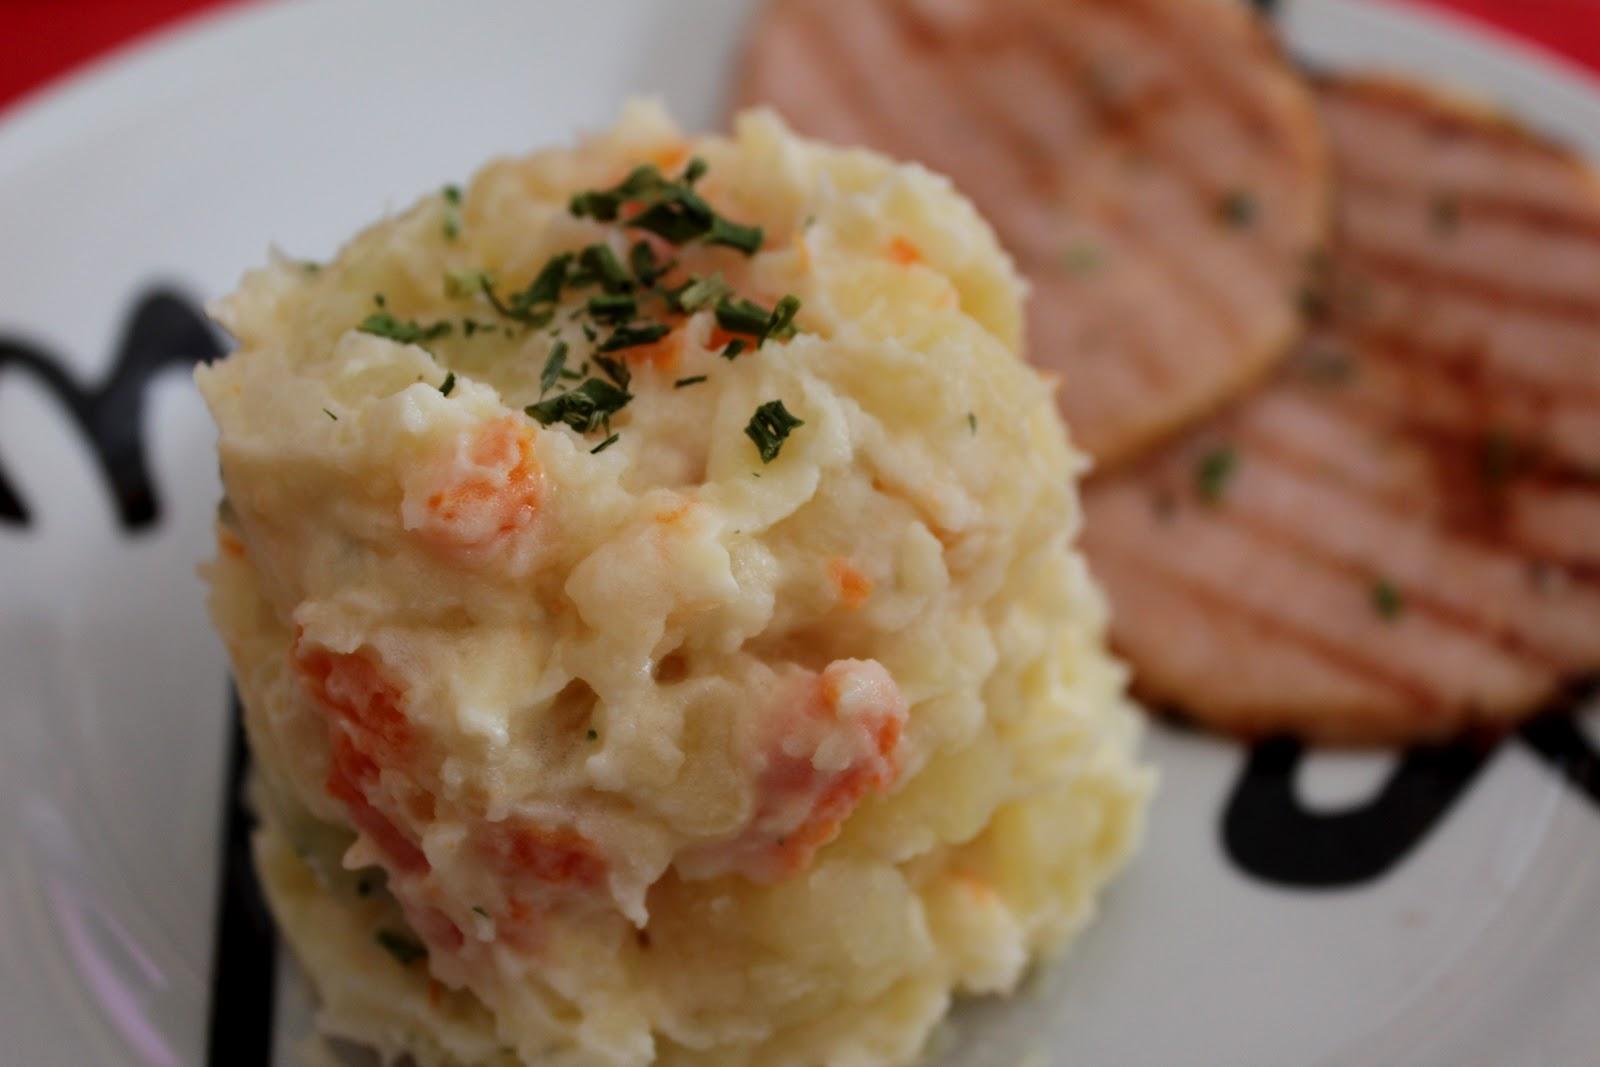 Ensaladilla de patata zanahoria y cebolla ideas al horno - Cuanto tarda en cocer una patata ...